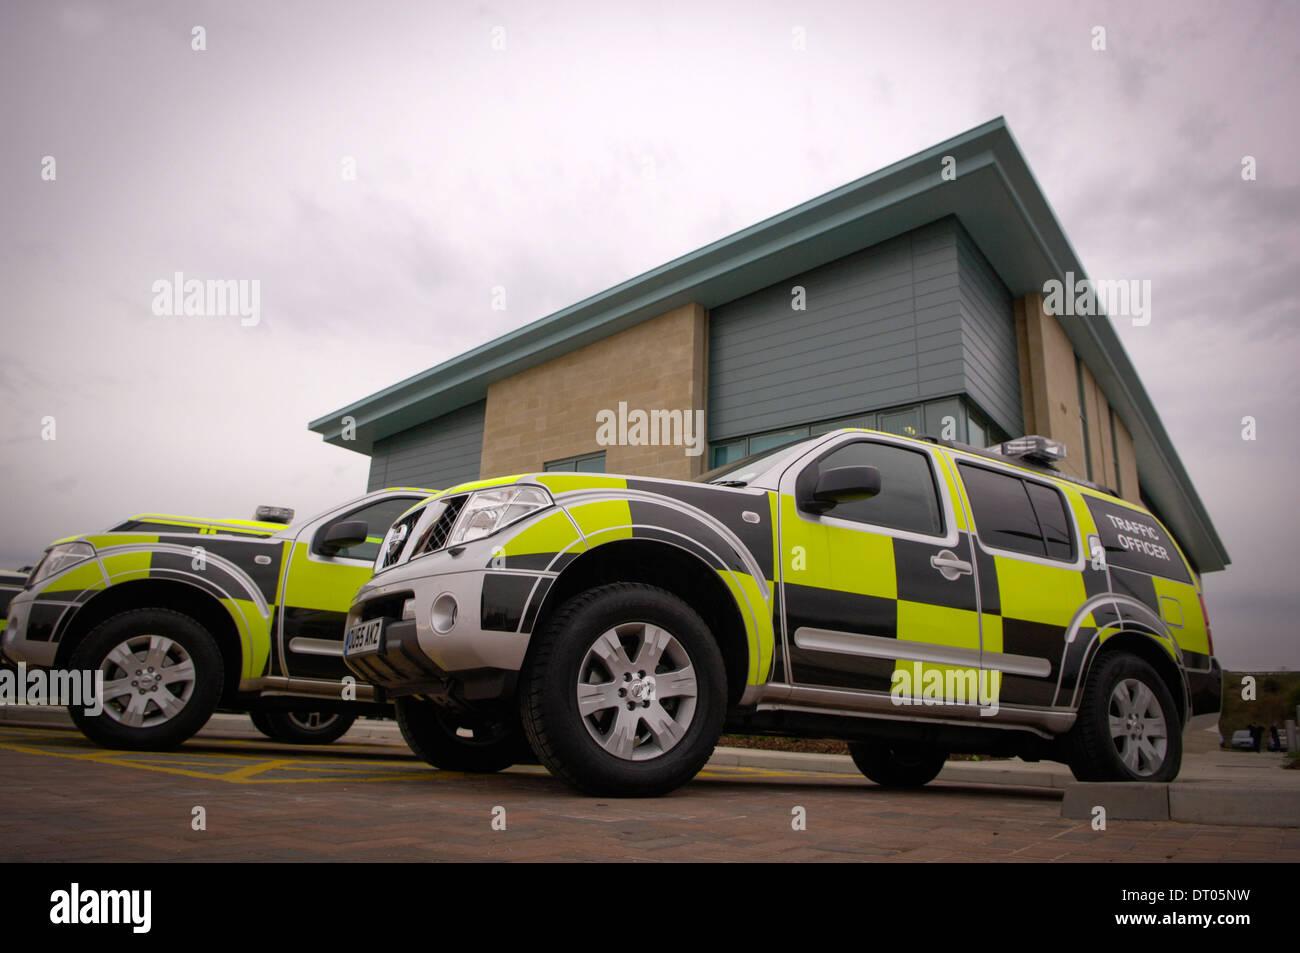 Le Nord-est du centre de contrôle régional de la Highways Agency, Wakefield, Royaume-Uni. Photo Stock